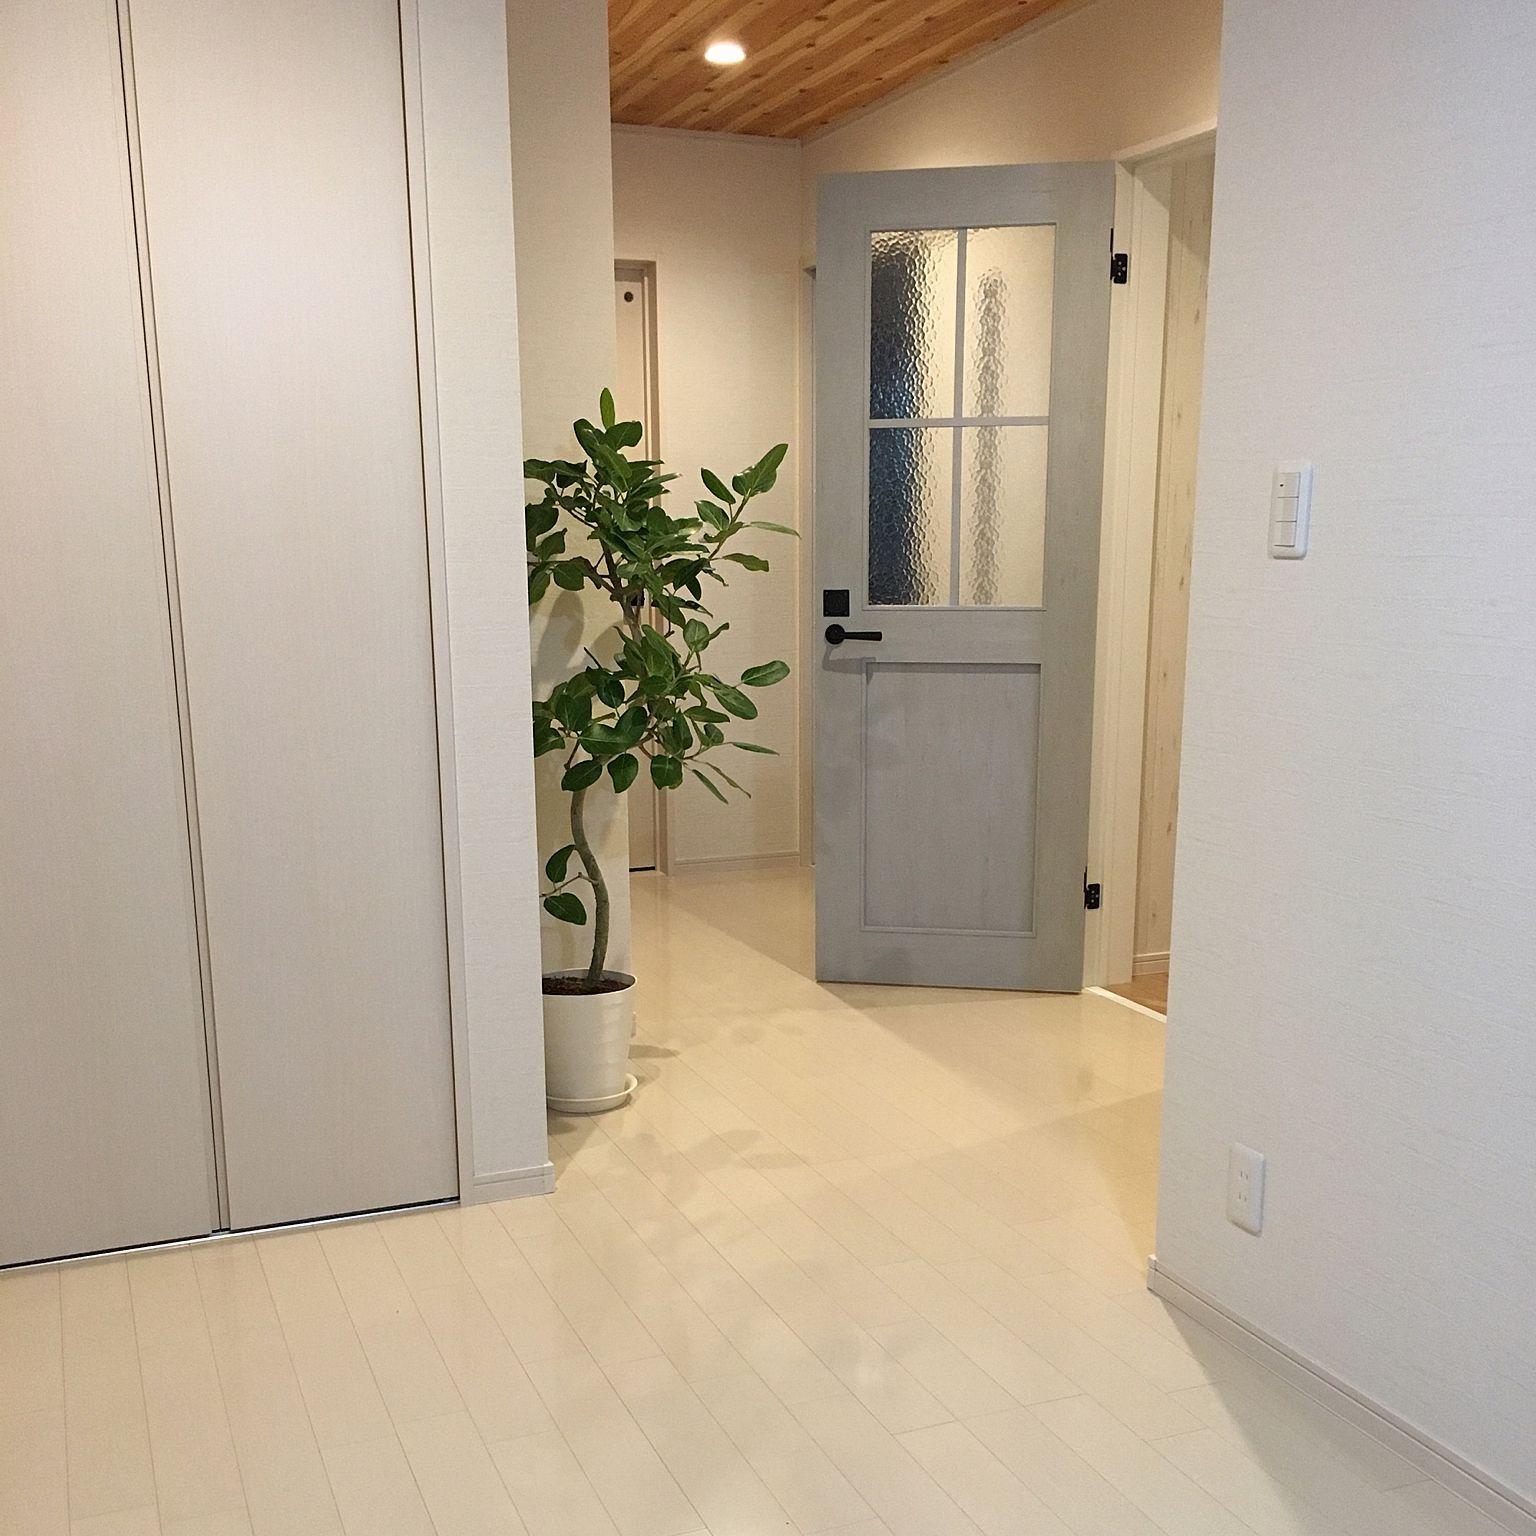 玄関 入り口 Lixil グレー 白 木目調壁紙 エフォートレス スタイル